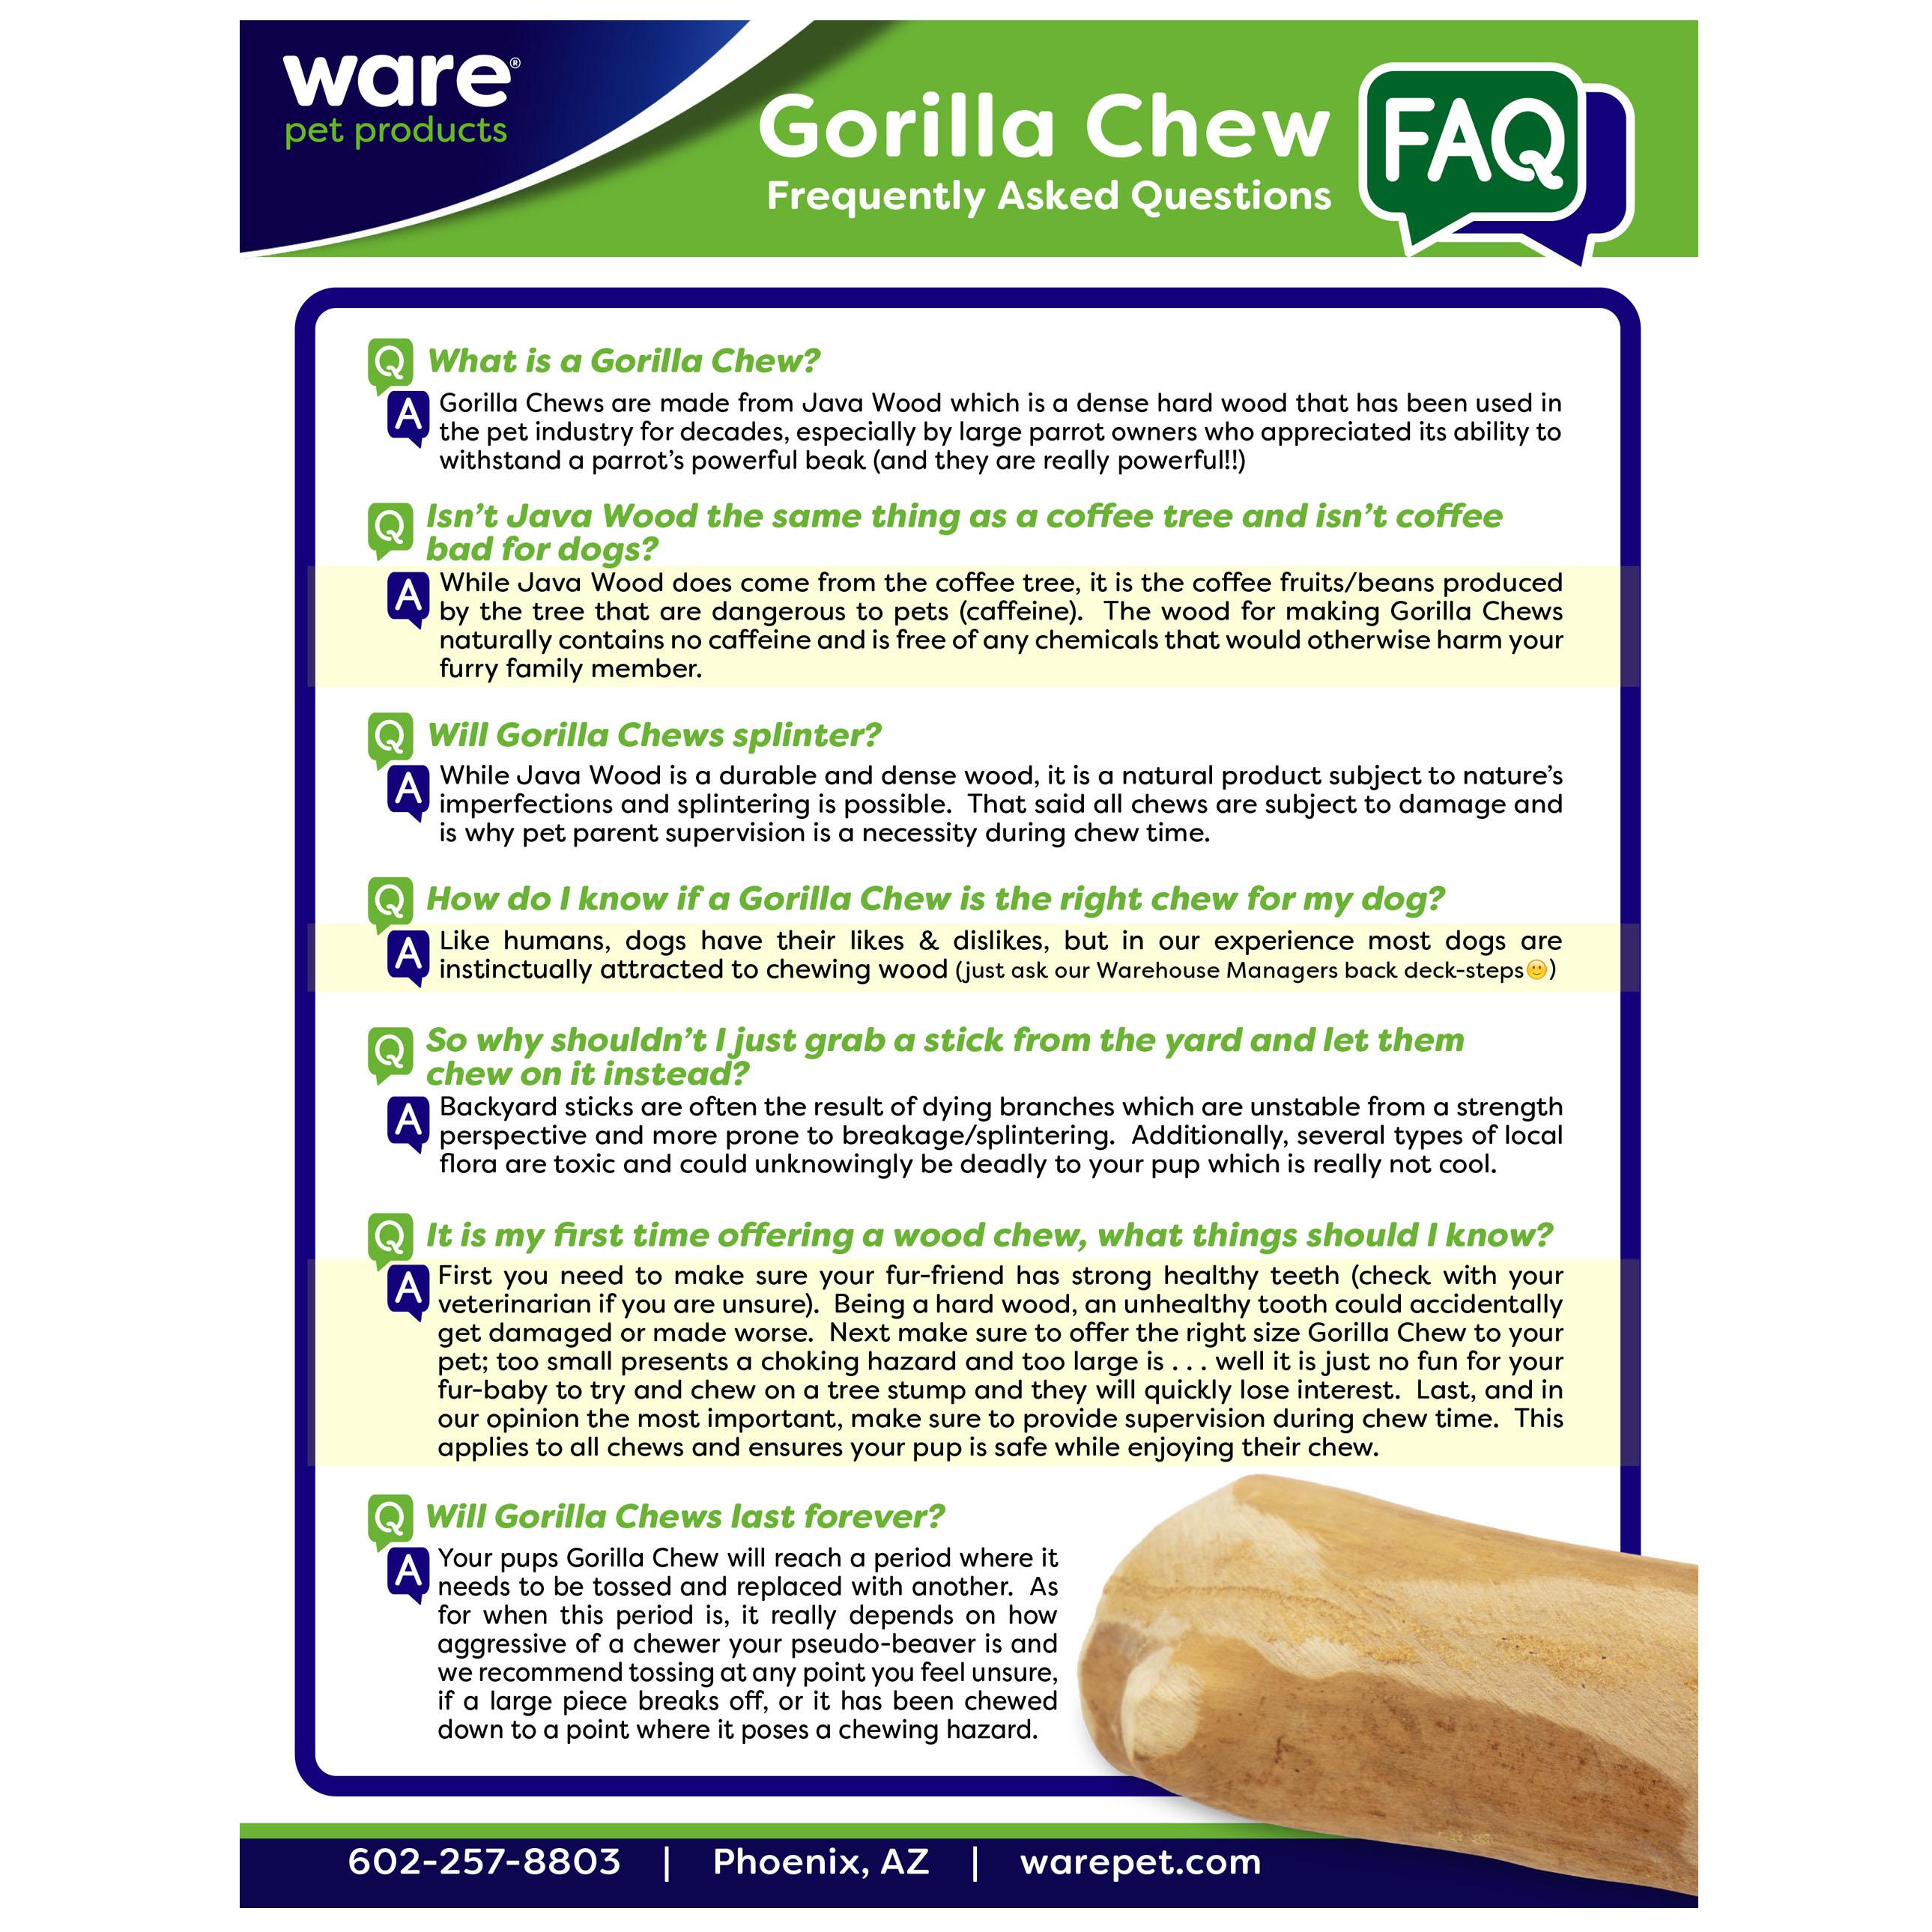 Gorilla Chew M